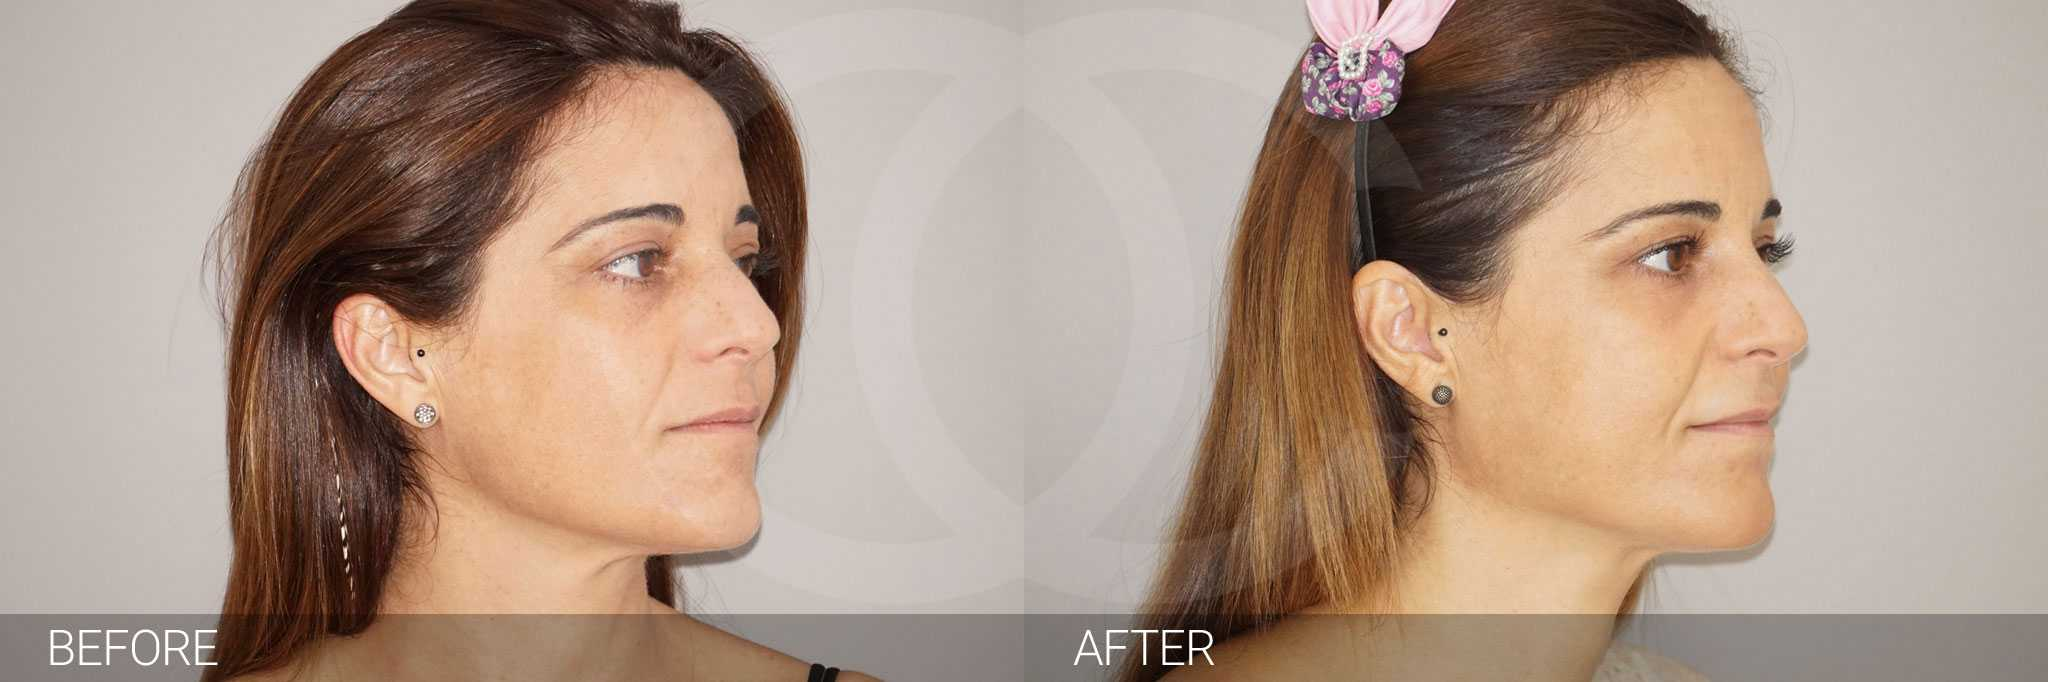 Gesichtsbehandlung mit Eigenfett Gesichtsvolumenverlust ante/post-op II